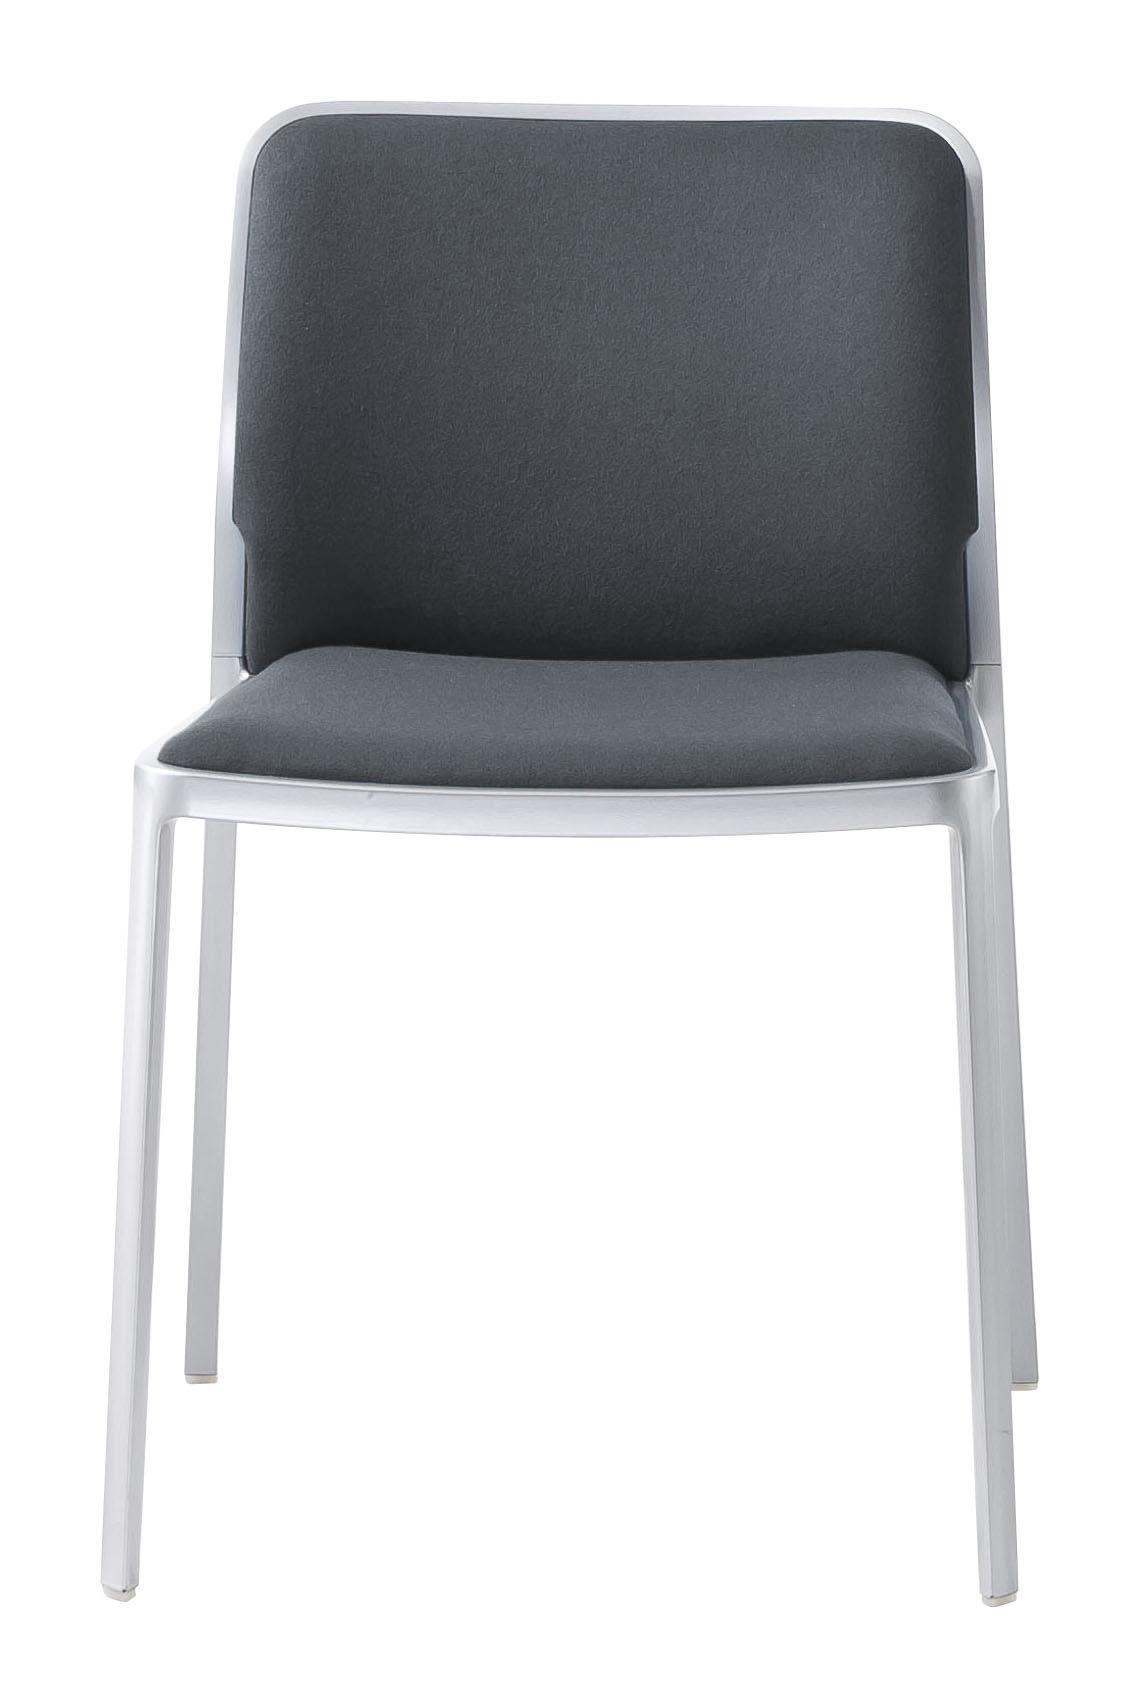 Arredamento - Sedie  - Sedia imbottita Audrey Soft - / seduta in tessuto - Struttura in alluminio opaco di Kartell - Struttura: alluminio opaco / Tessuto grigio - alluminio verniciato, Tessuto